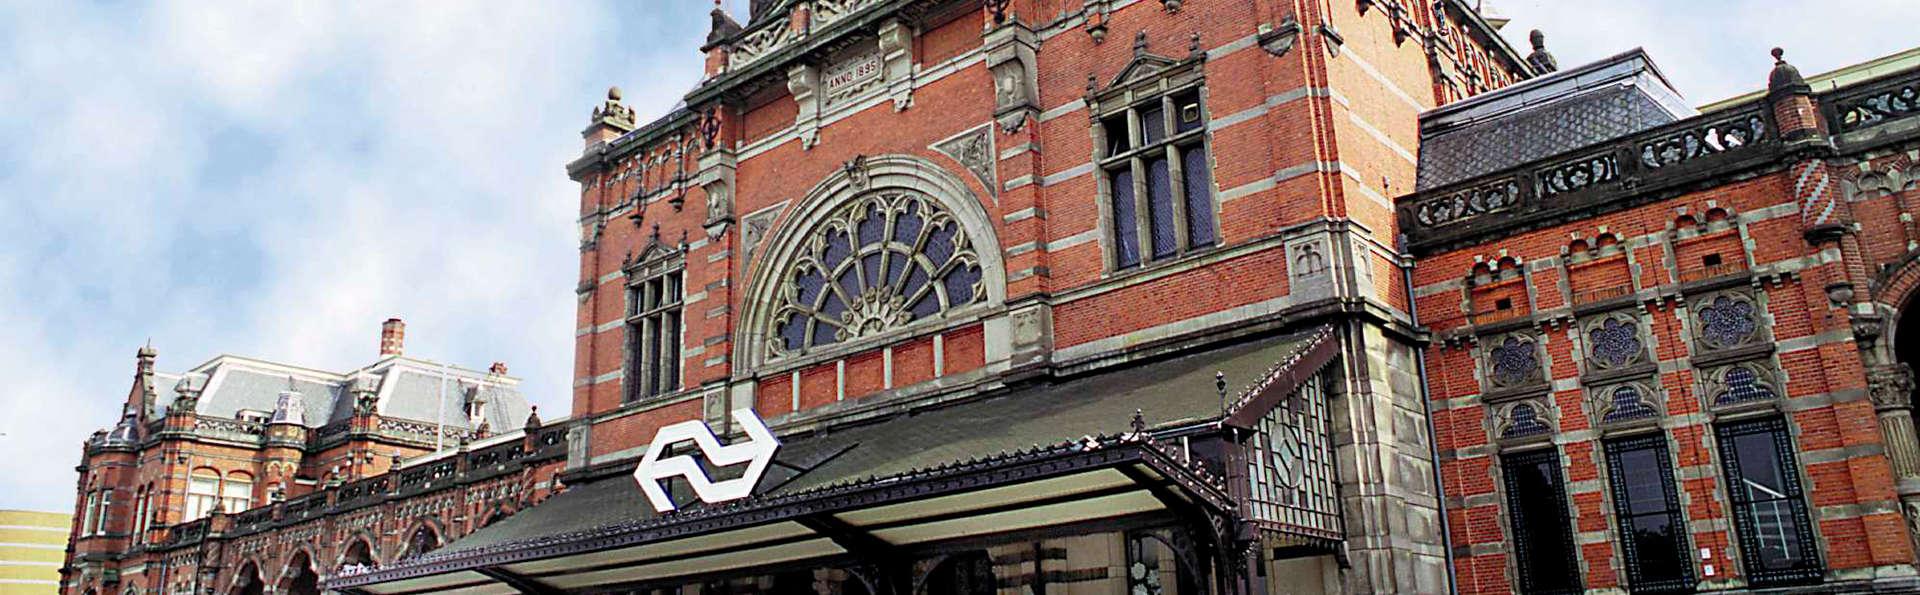 Nescio Hotel Groningen - edit_new_Hoofdstation.jpg